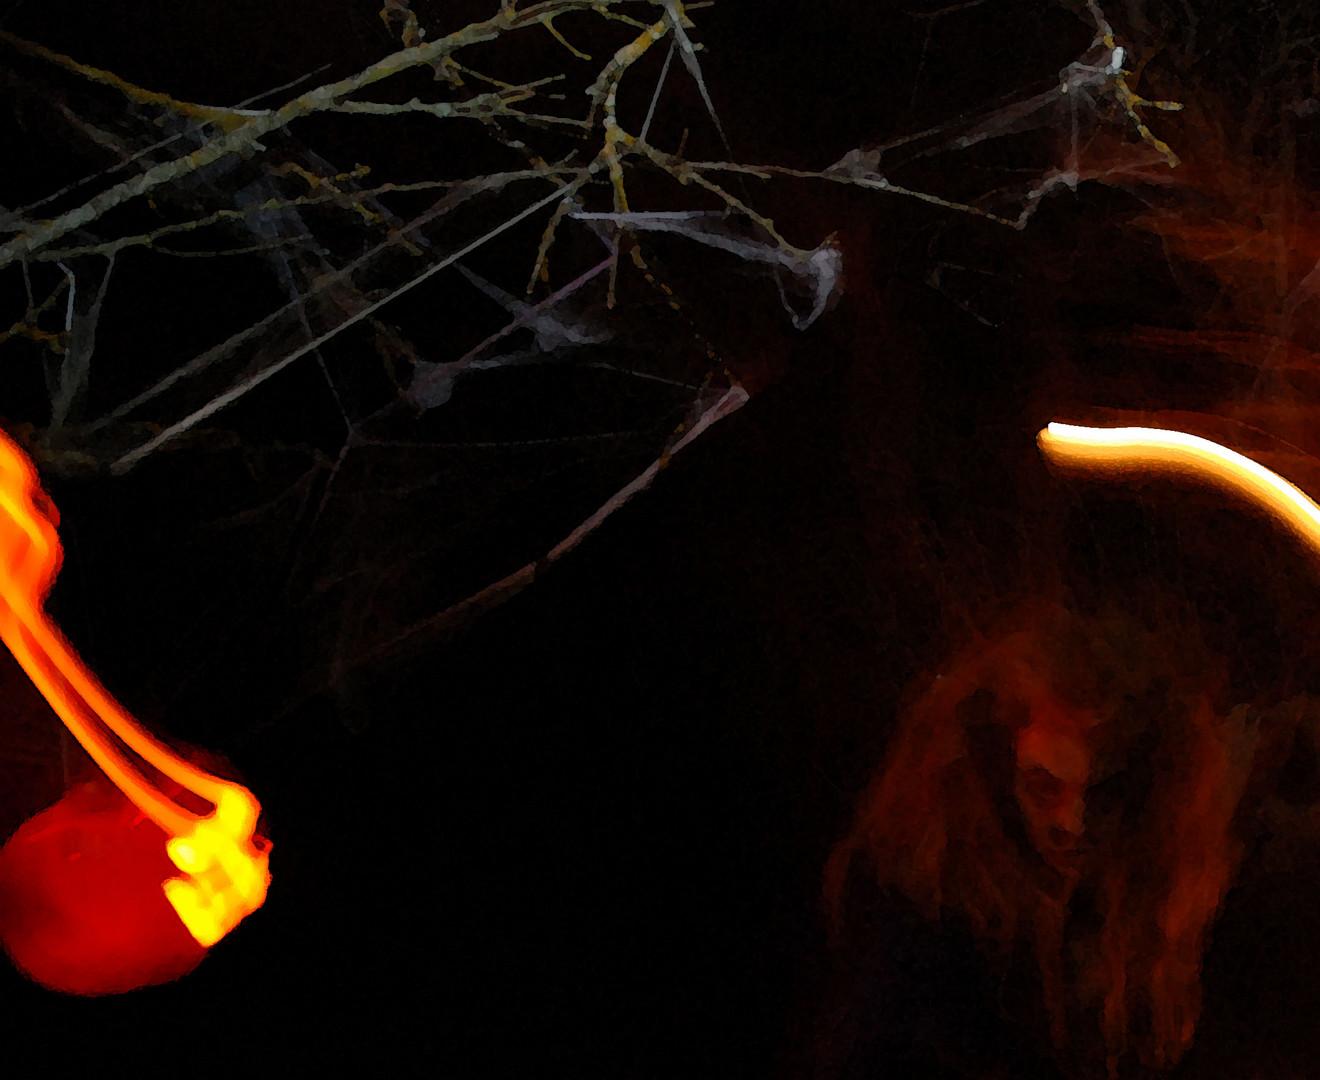 Brujas en la noche